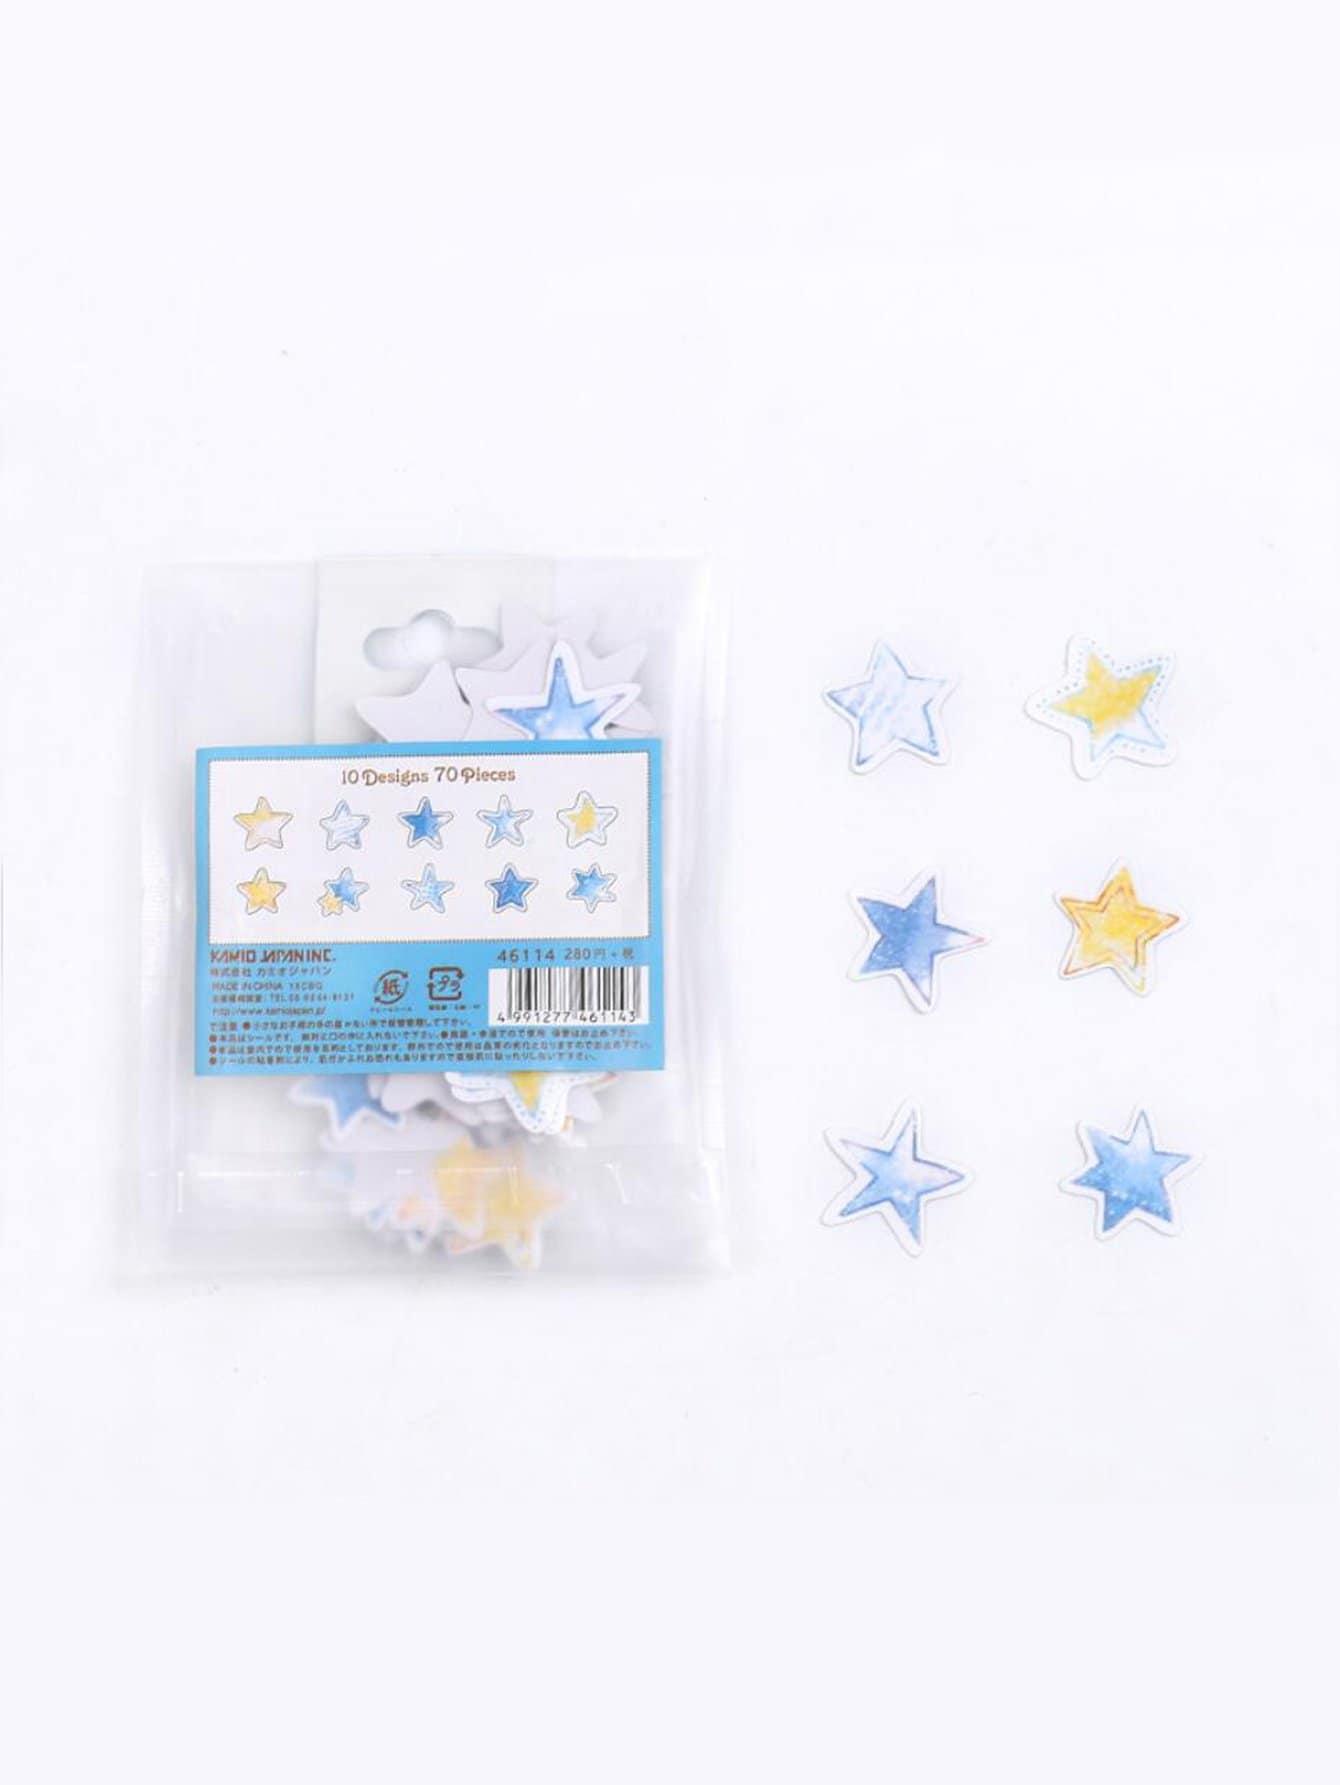 Купить Декоративная наклейка Star Shaped 70 листов, null, SheIn